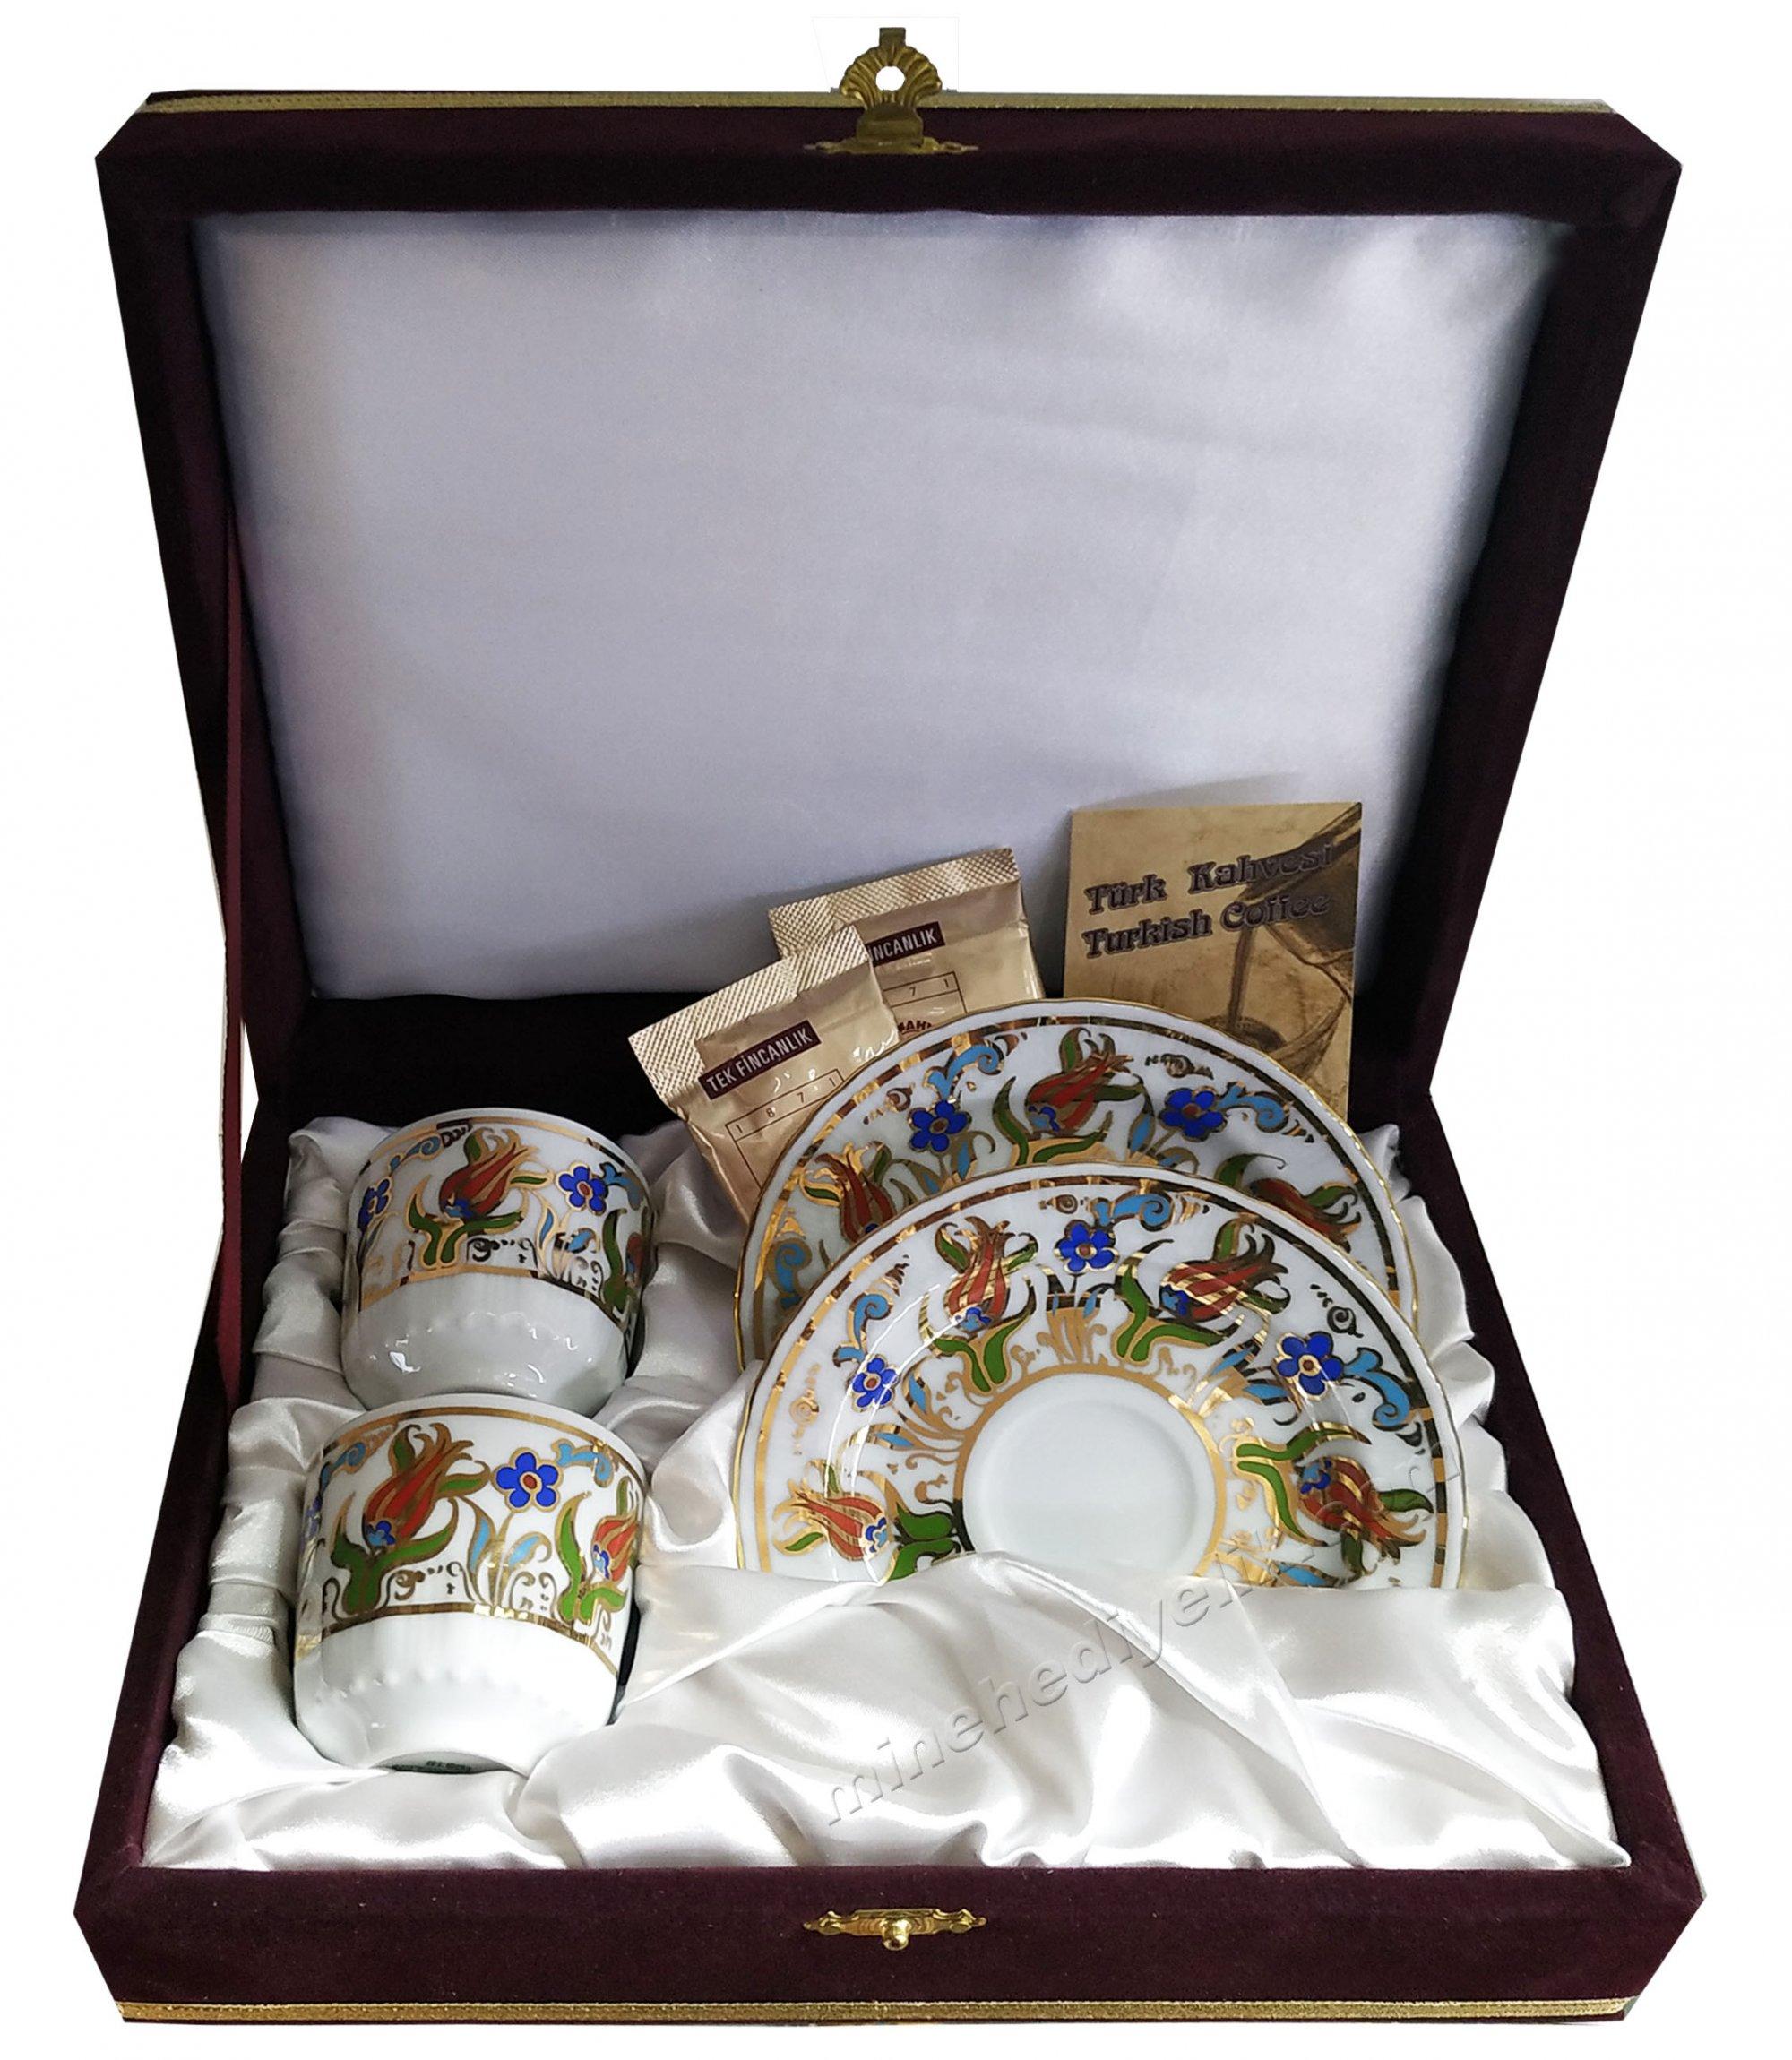 Kaliteli Kişilik Kahve Fincan Setleri Özel Tasarım Kutularda Lale Penç Kahve Hediyeli 2'li keyif seti Fincanı